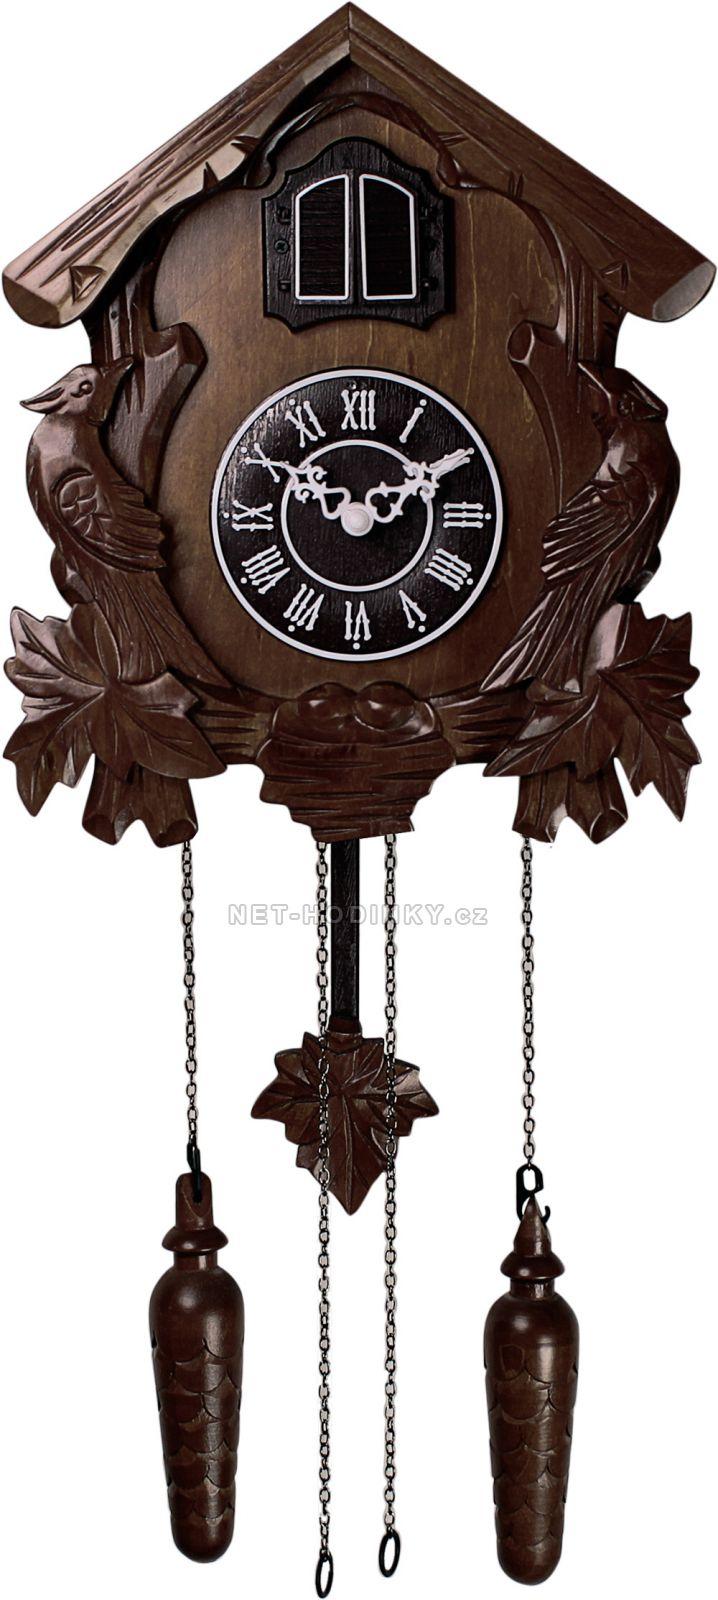 Nástěnné hodiny kyvadlové, kukačkové hodiny na zeď ruční práce